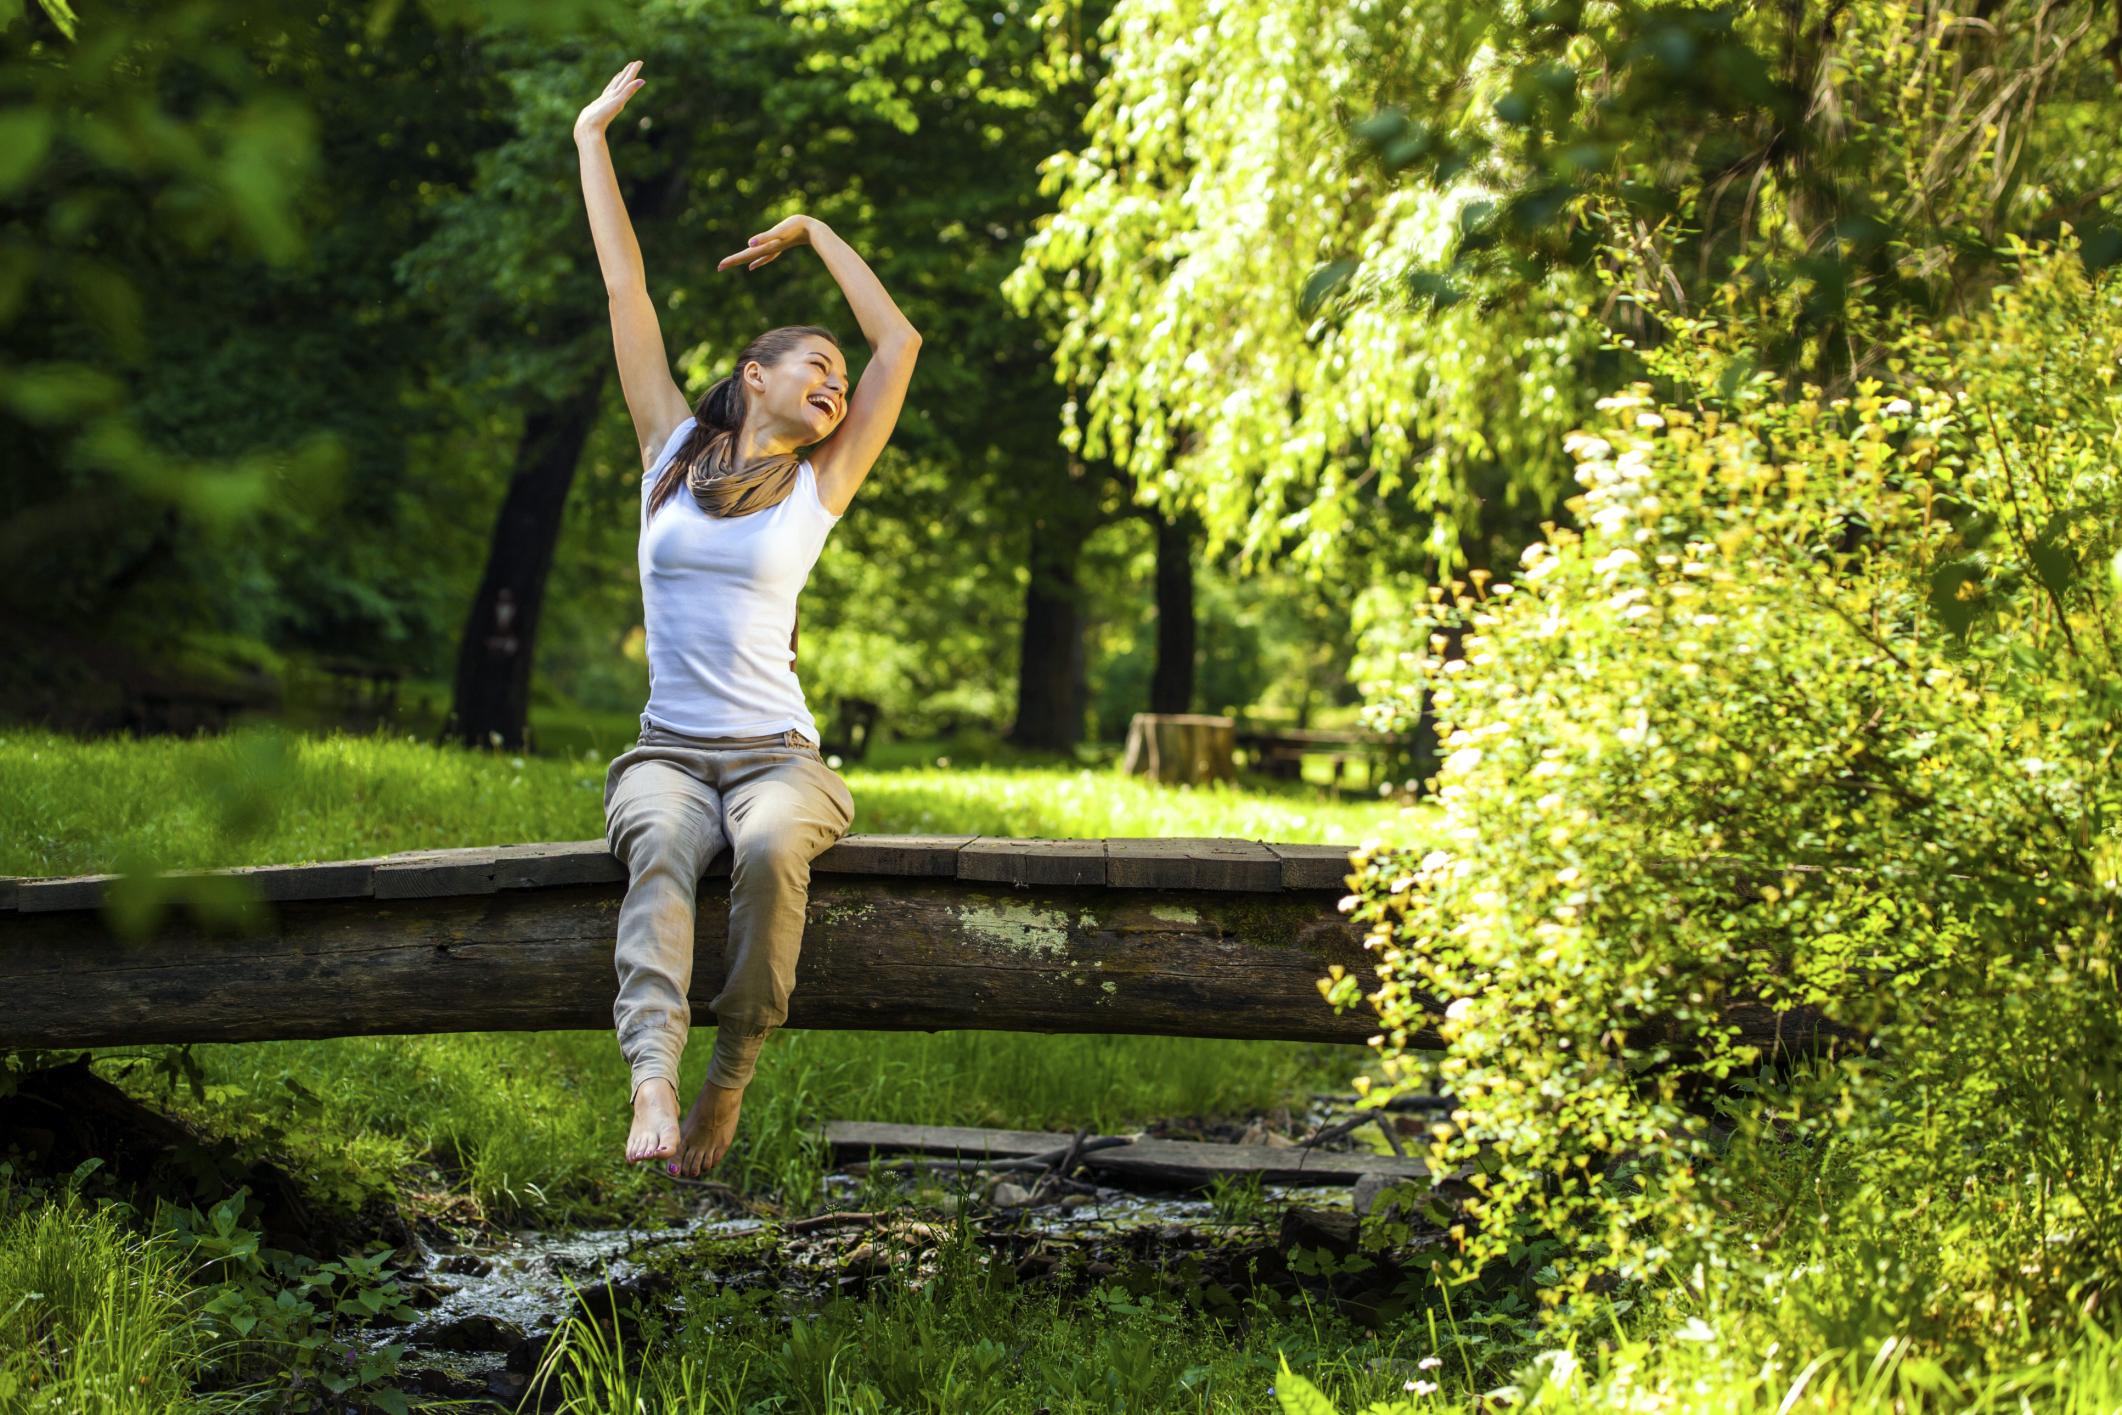 napi magányos feladatok a giardiasis tünetei nőknél